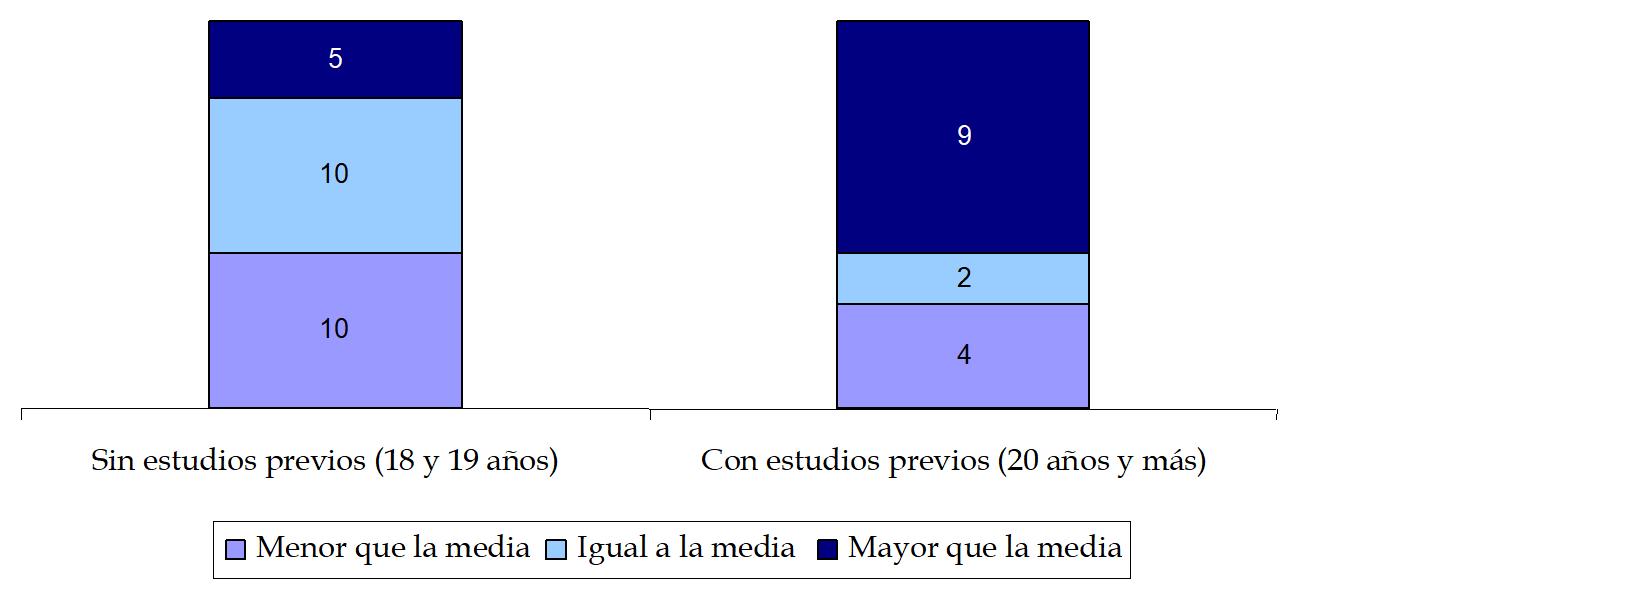 cap 5 gráfico 2